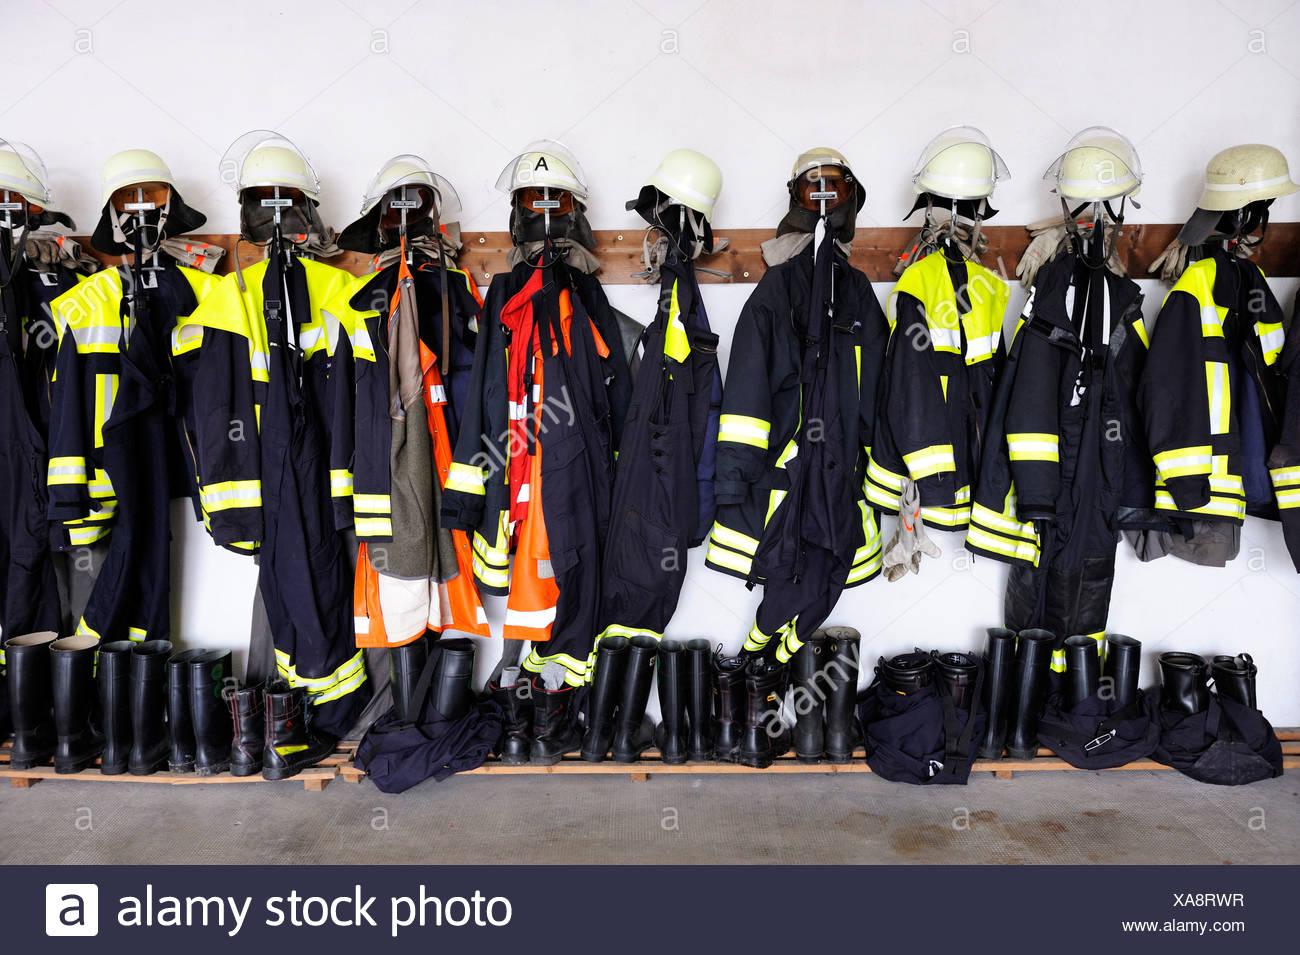 Vigili del fuoco abbigliamento protettivo Immagini Stock